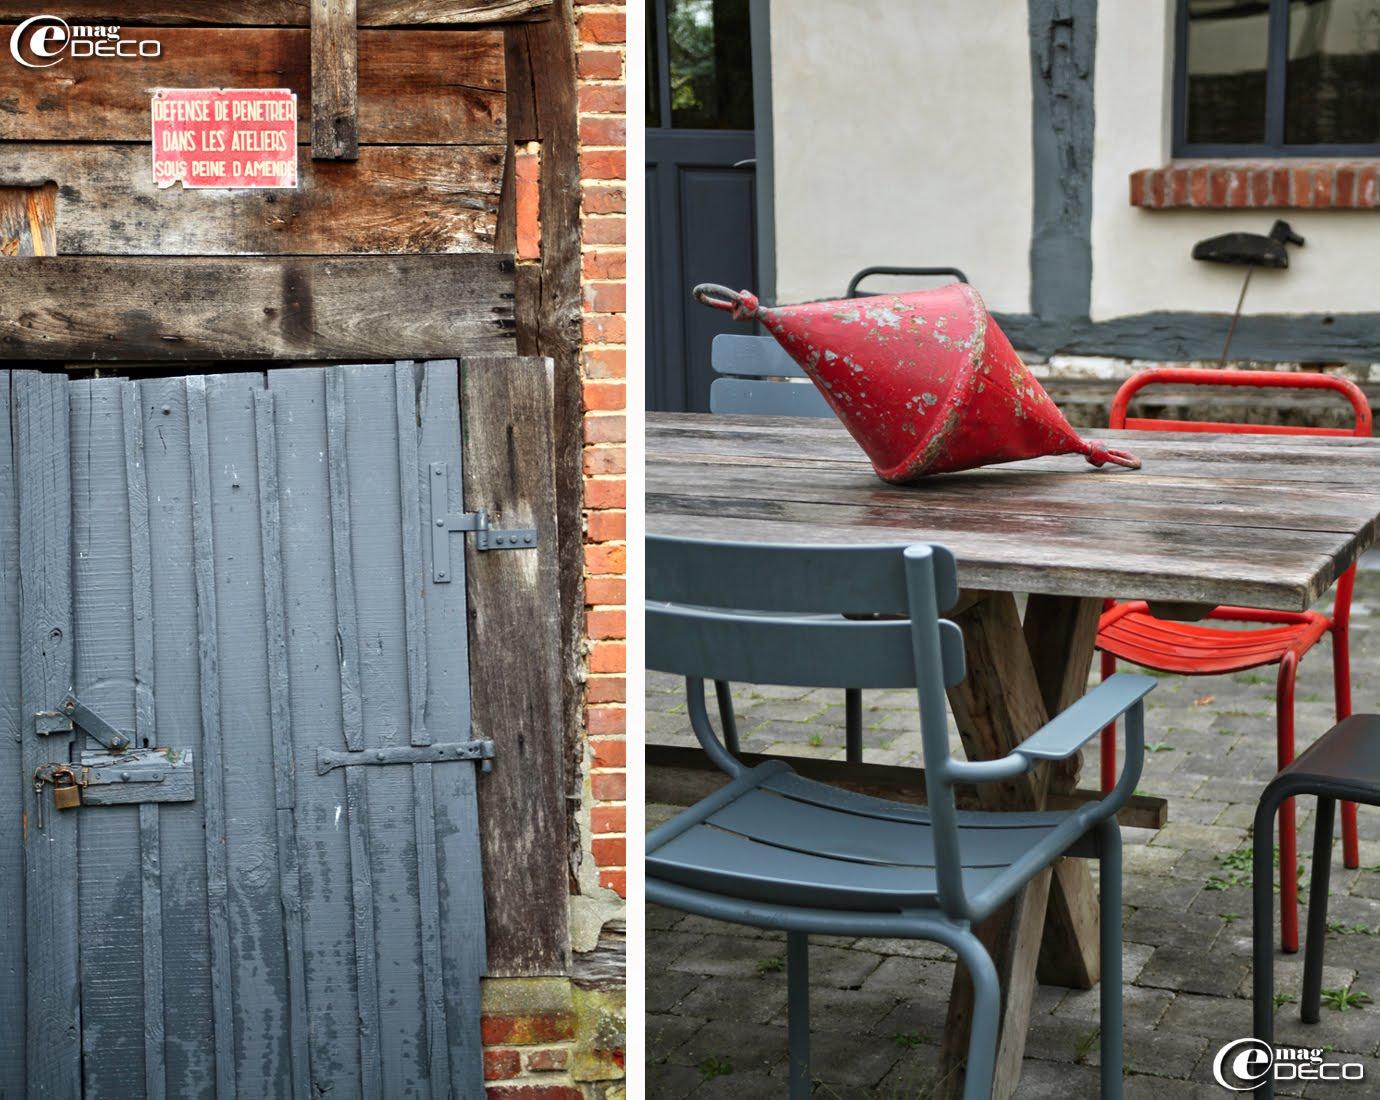 Autour d'une table de jardin, des vieilles chaises de bistrot des années 1950 et un bridge Luxembourg Fermob. Une ancienne bouée de corps-mort s'invite dans le décor.